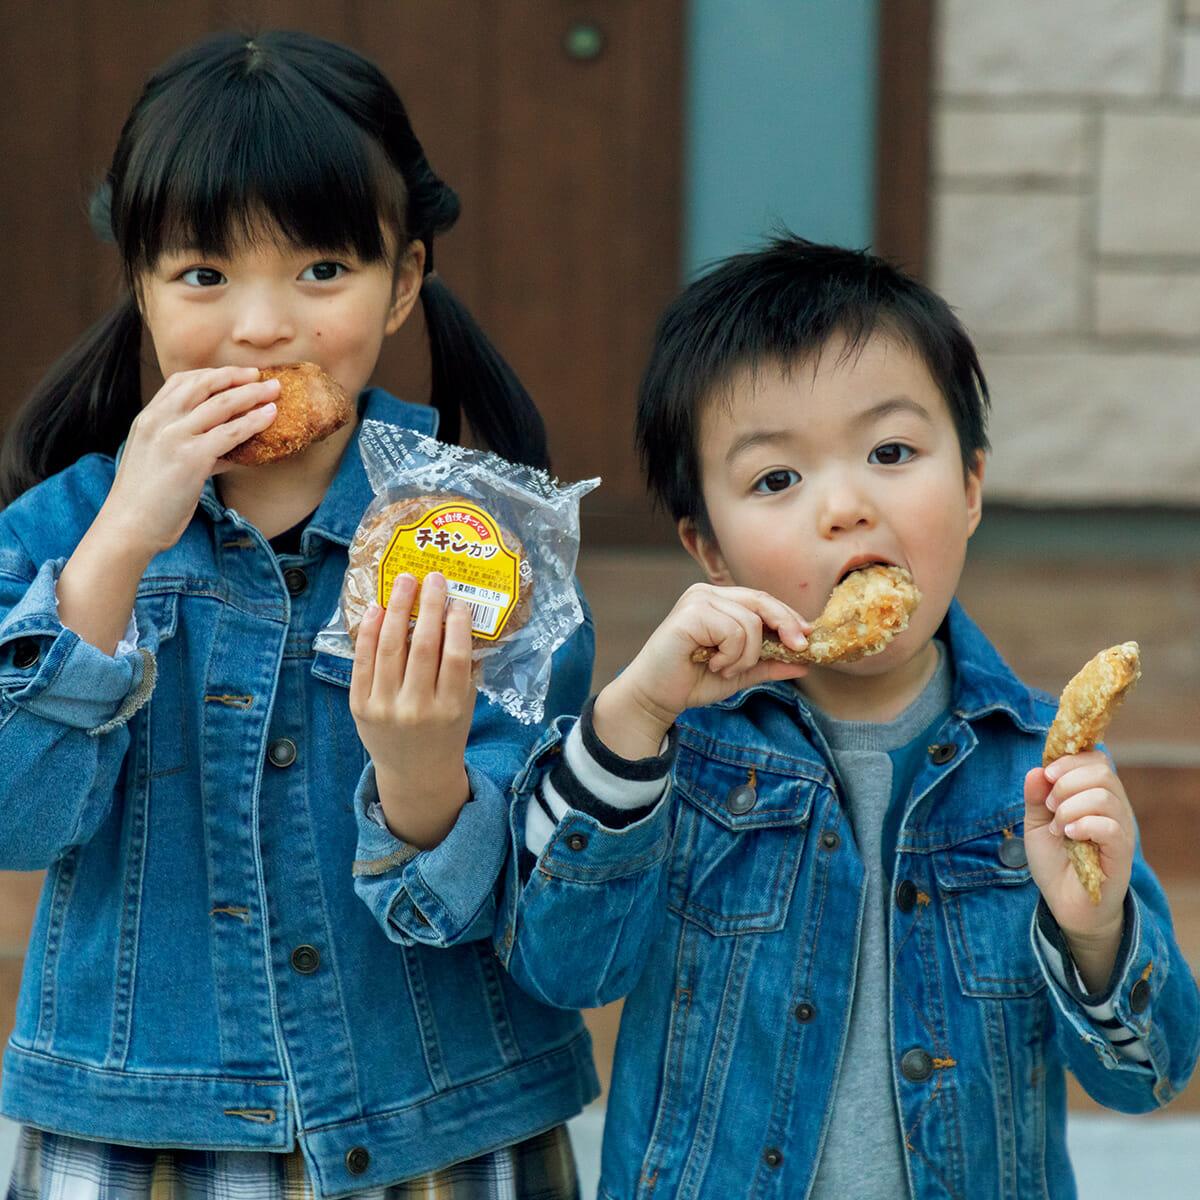 女の子が持っているのが、八戸を代表するB級グルメ〈むつ食品〉のチキンカツ。男の子が食べているのは〈館鼻岸壁朝市〉でも大人気の〈大安食堂〉のしおてば。